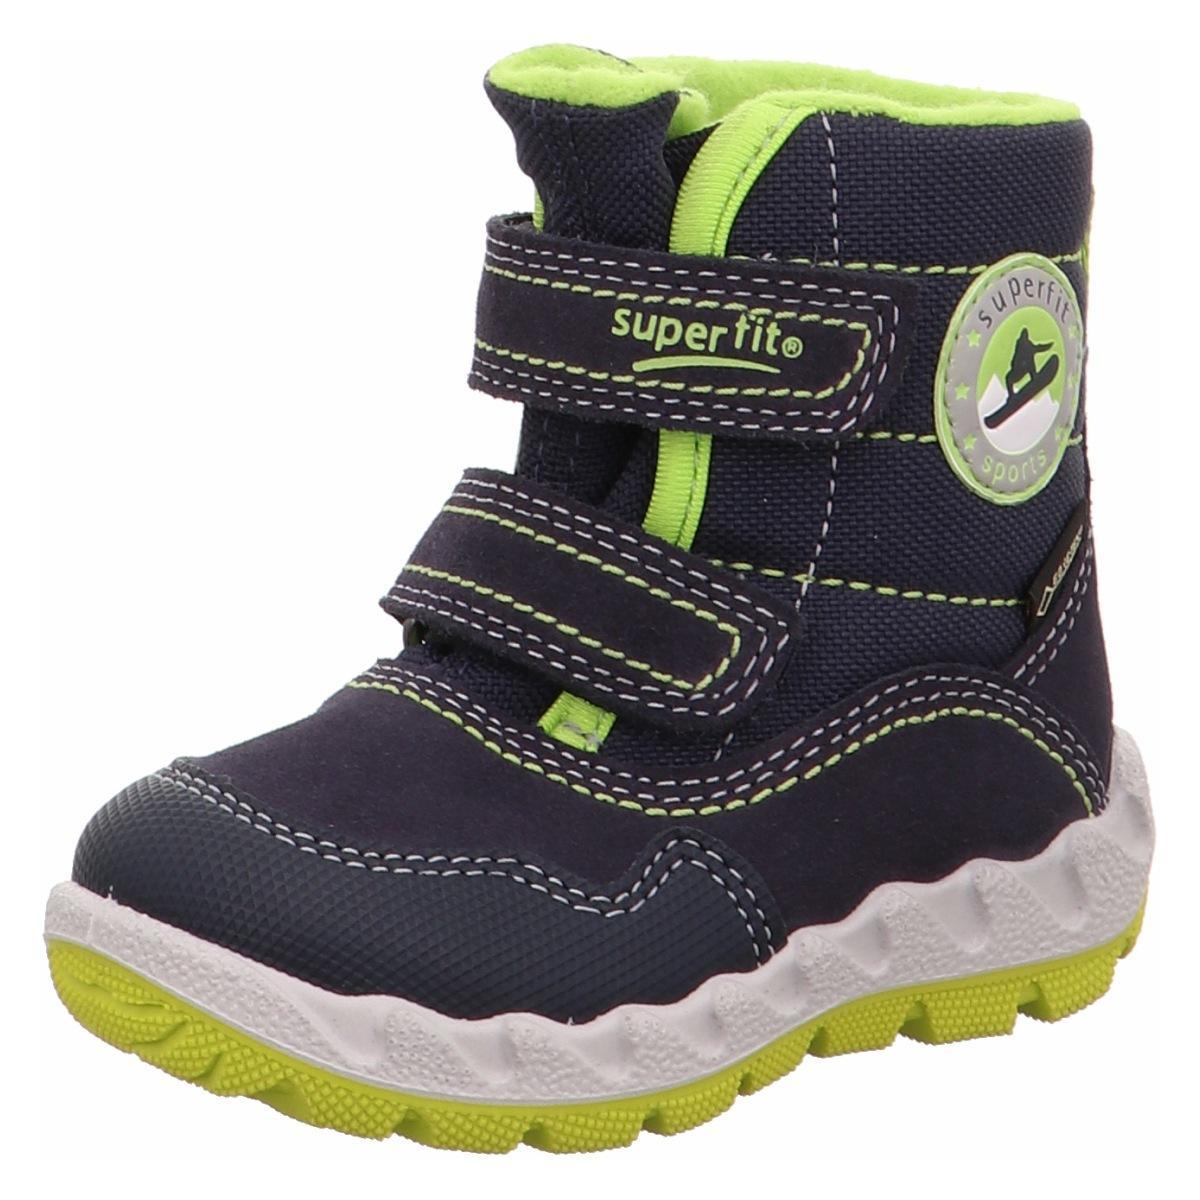 Superfit škornji Icebird-črni-vel.24 - Ceneje.si 59f1c3a10b